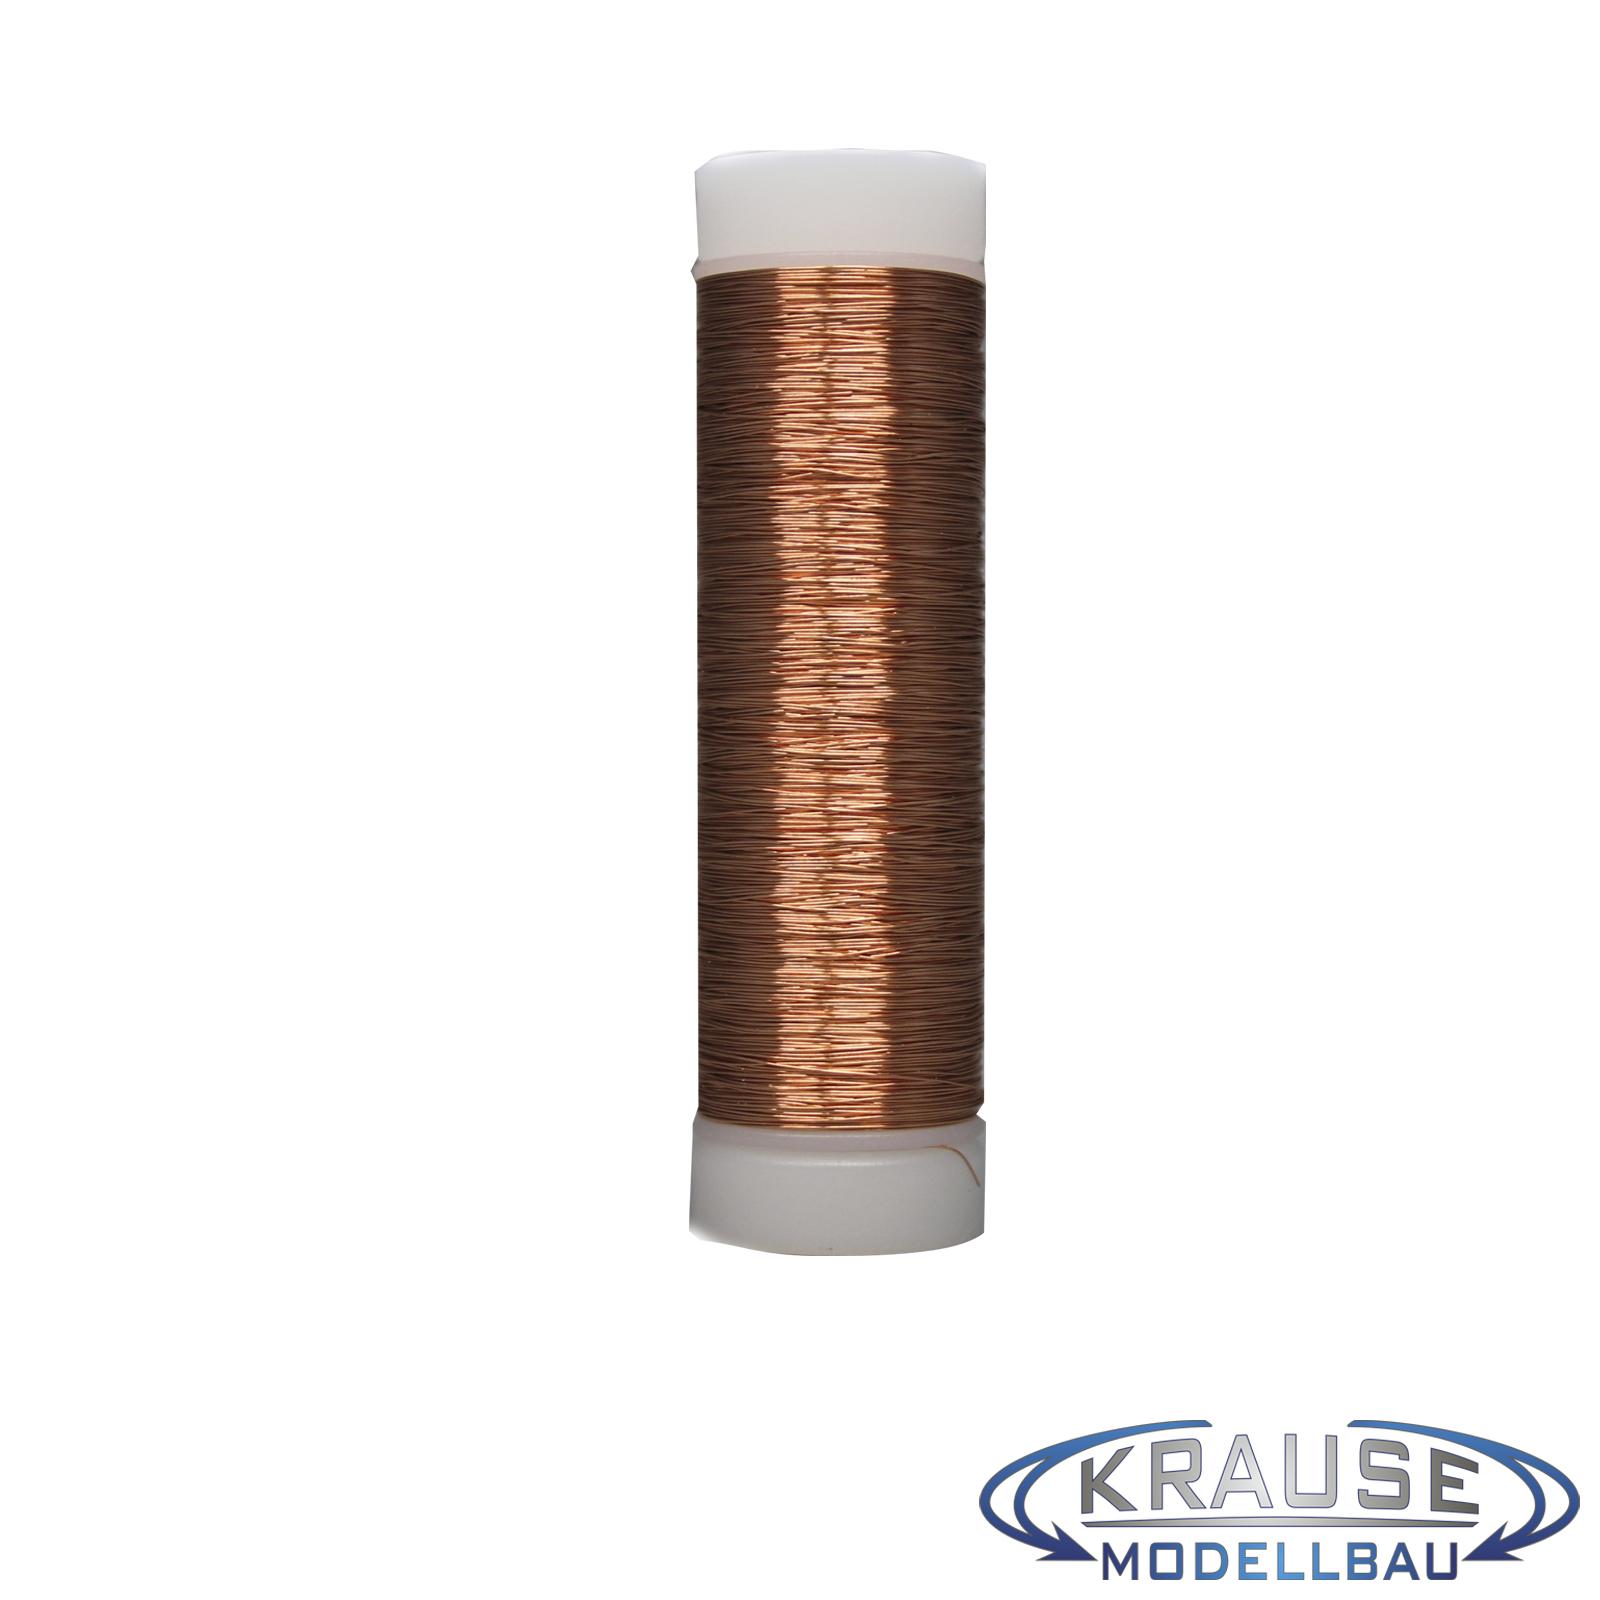 Kupferlackdraht CU Draht 0,15 mm auf Spule Modellbahn LED grün 100 Meter